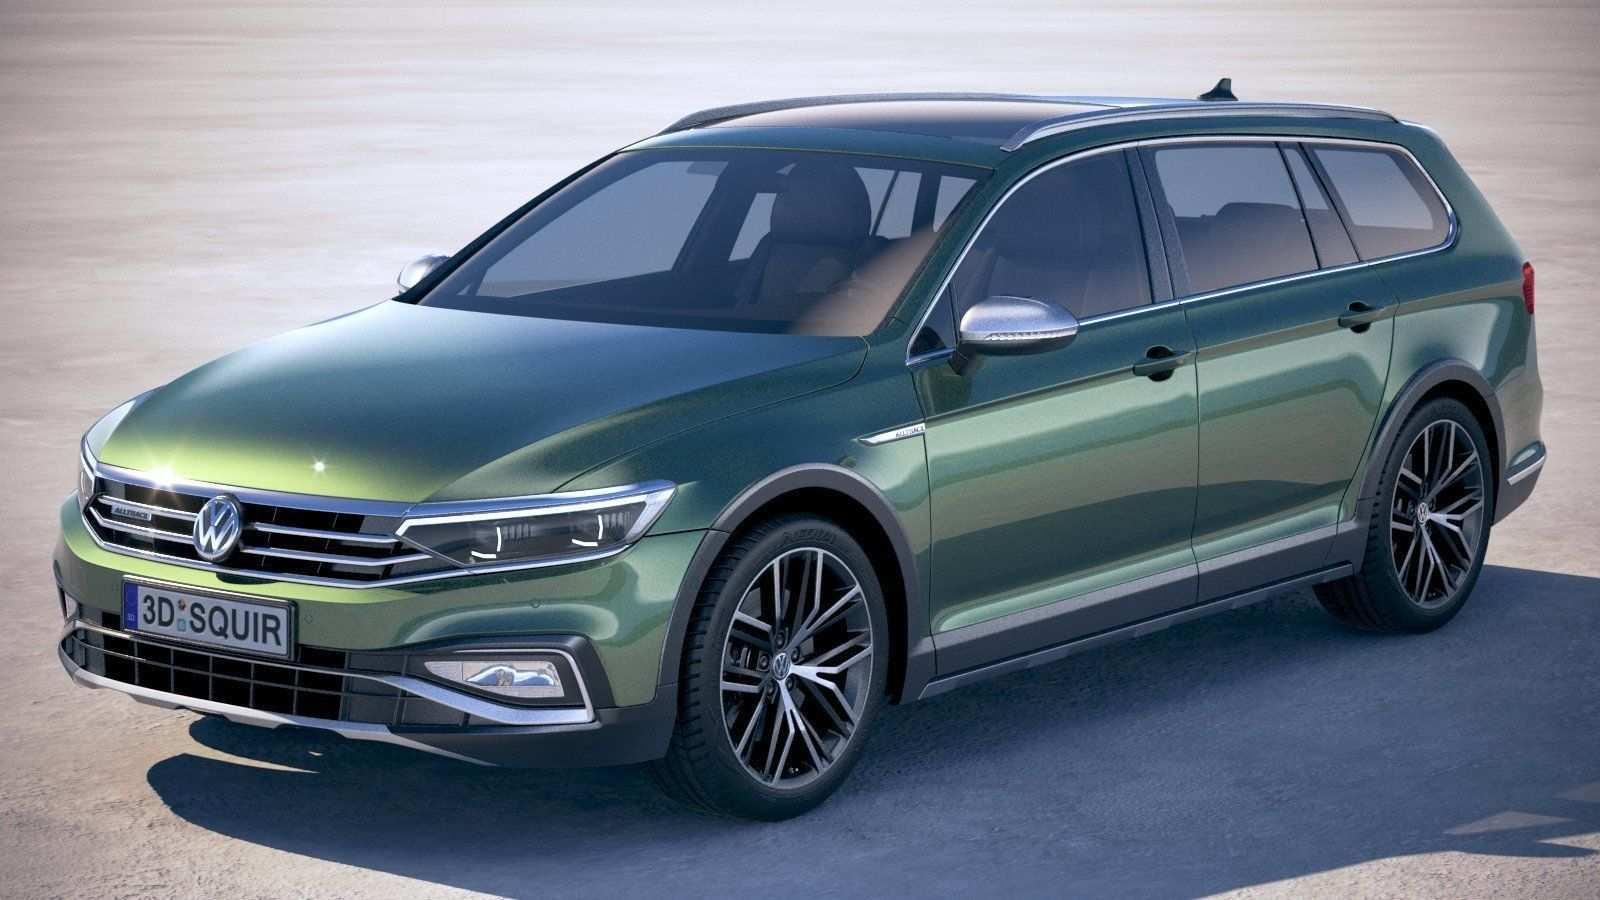 61 Concept of Volkswagen Passat Alltrack 2020 Specs by Volkswagen Passat Alltrack 2020